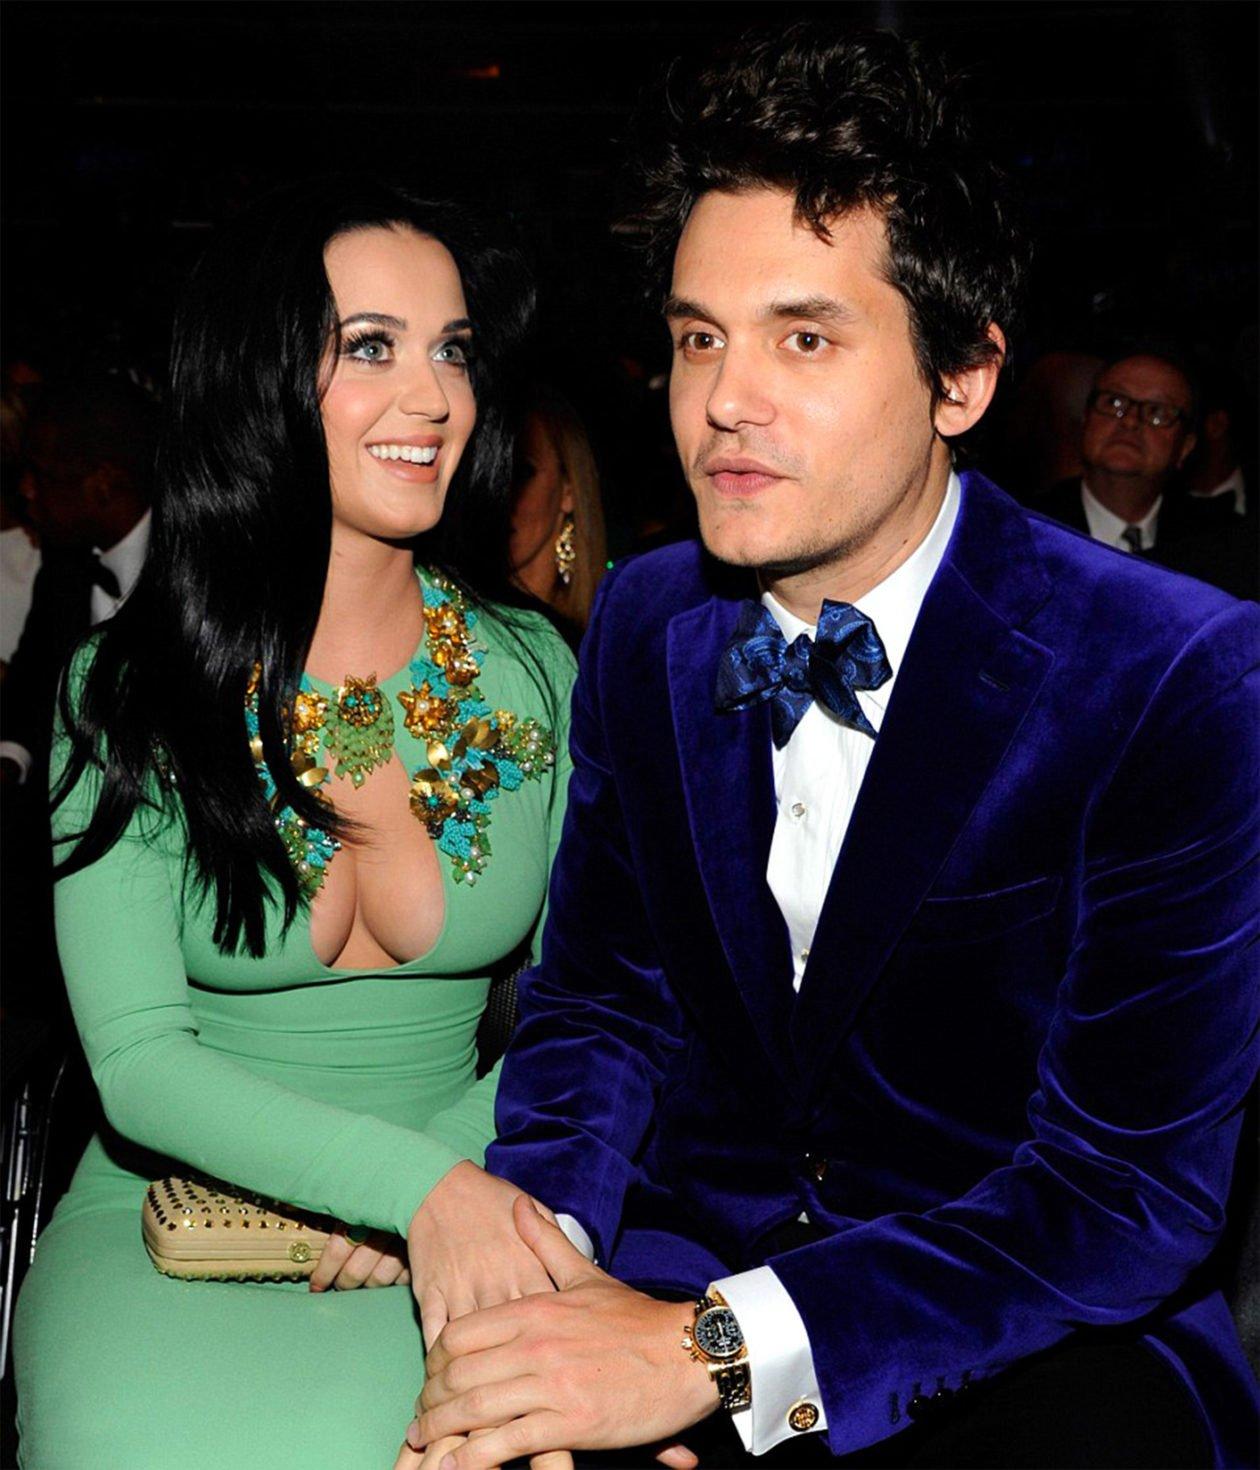 Katy Perry i John Mayer / źródło: www.grammy.com